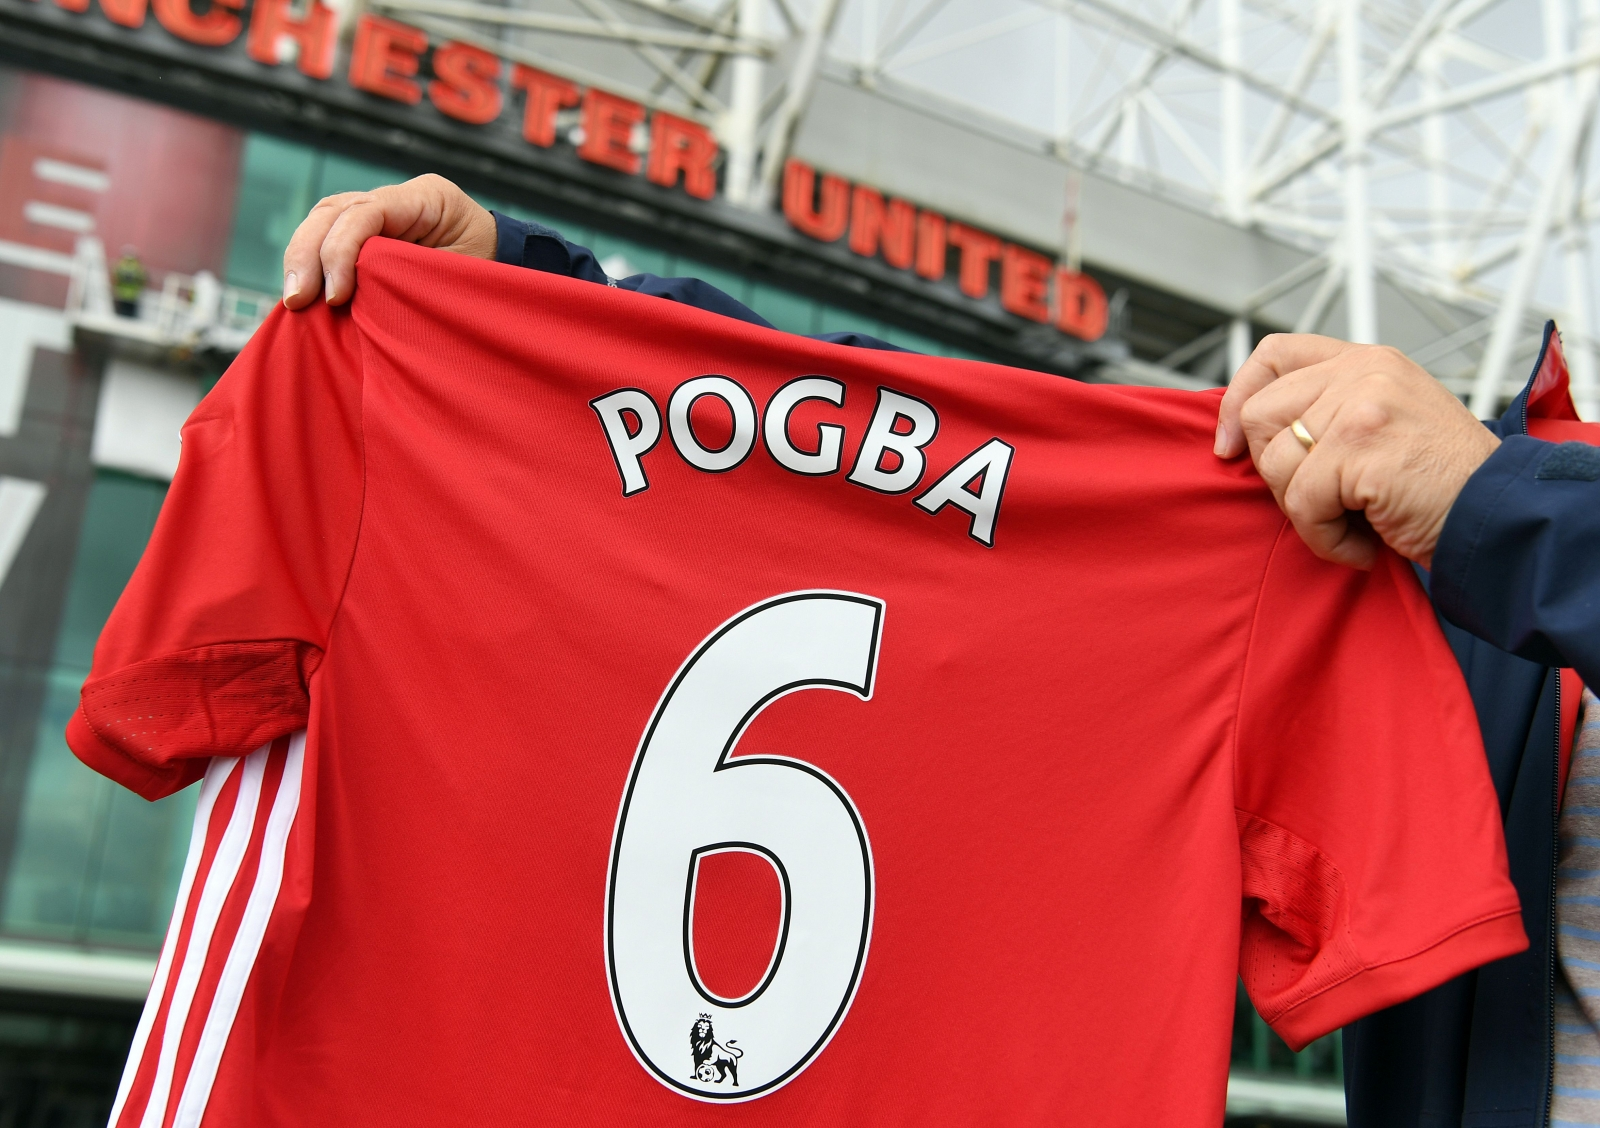 Paul Pogba no. 6